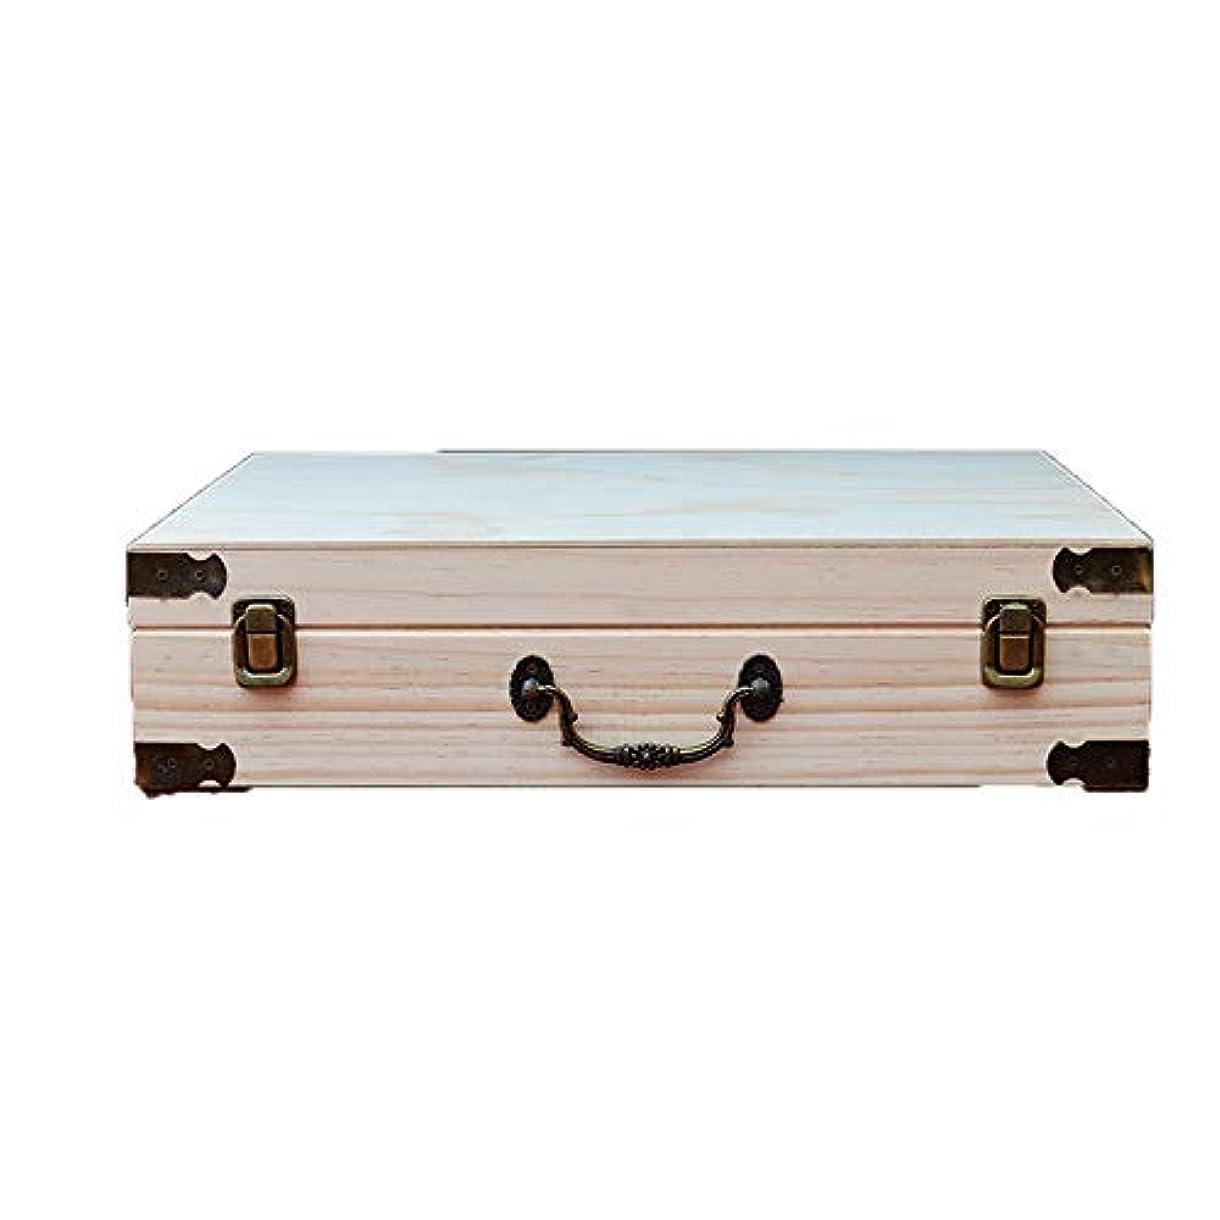 ビリーリンスクラスアロマセラピー収納ボックス エッセンシャルオイルの60本のボトルを格納するストレージ木製のボックスには、油のセキュリティを維持するのが最善です エッセンシャルオイル収納ボックス (色 : Natural, サイズ : 41X32.5X10.5CM)